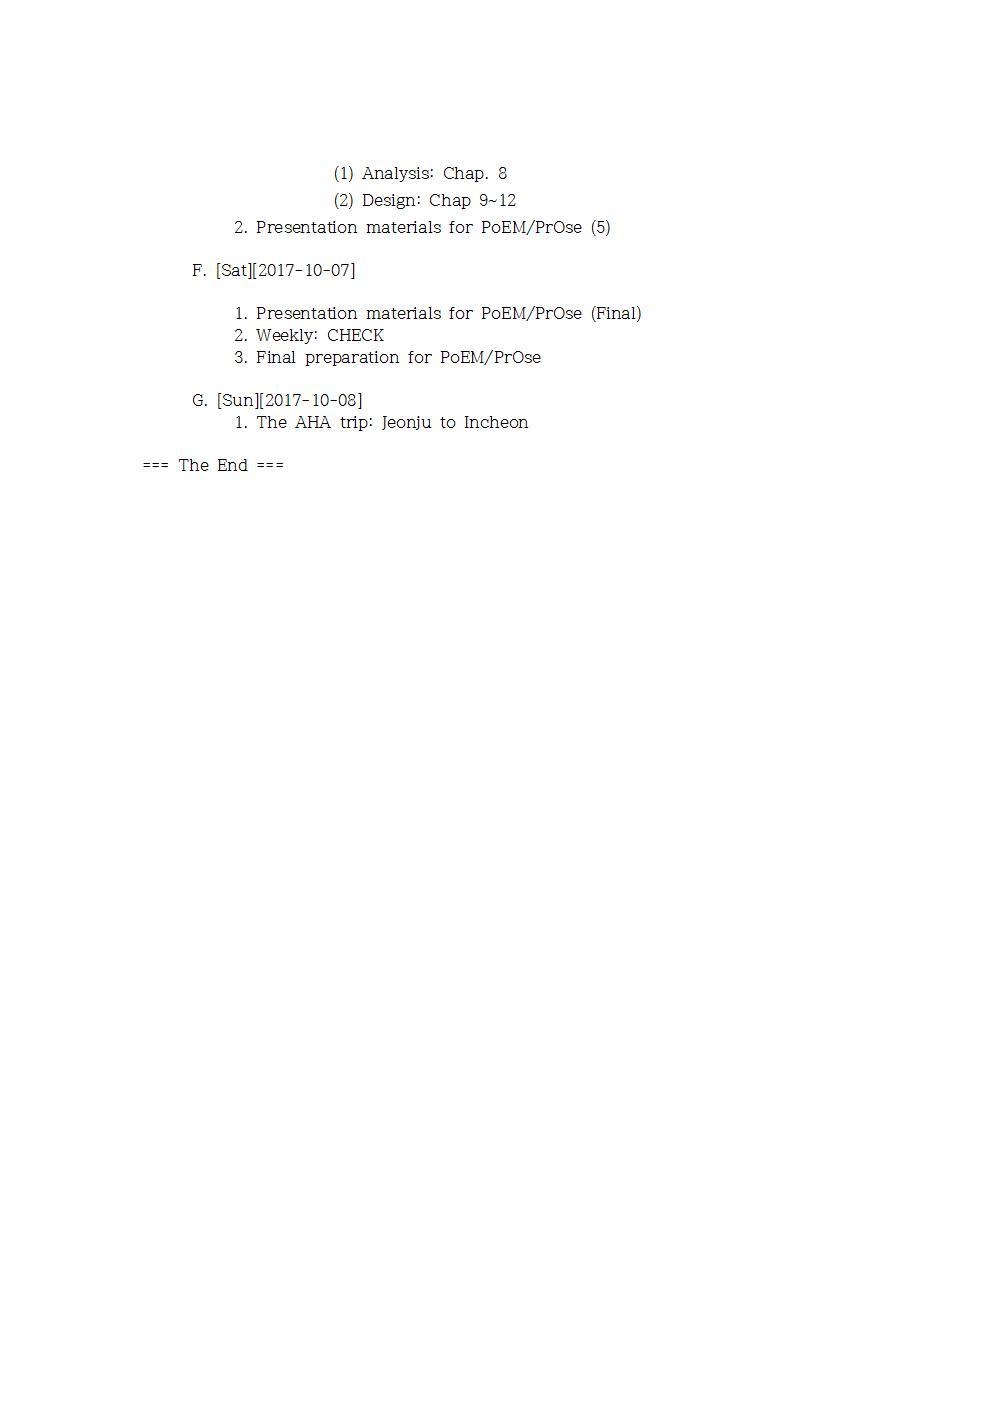 1-Mon-2017-11-13-PLAN-MK-Agenda004.jpg